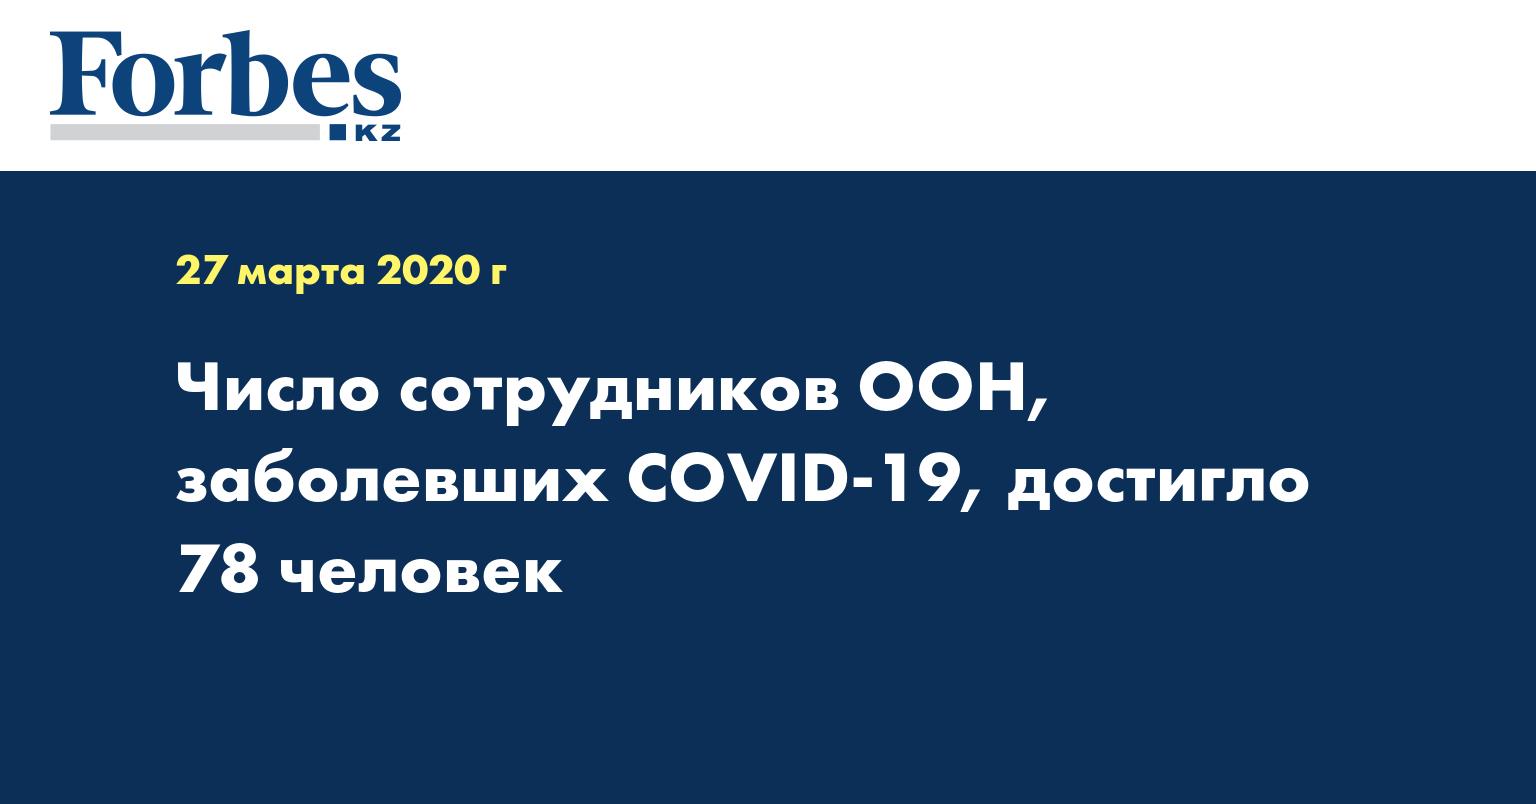 Число сотрудников ООН, заболевших COVID-19, достигло 78 человек